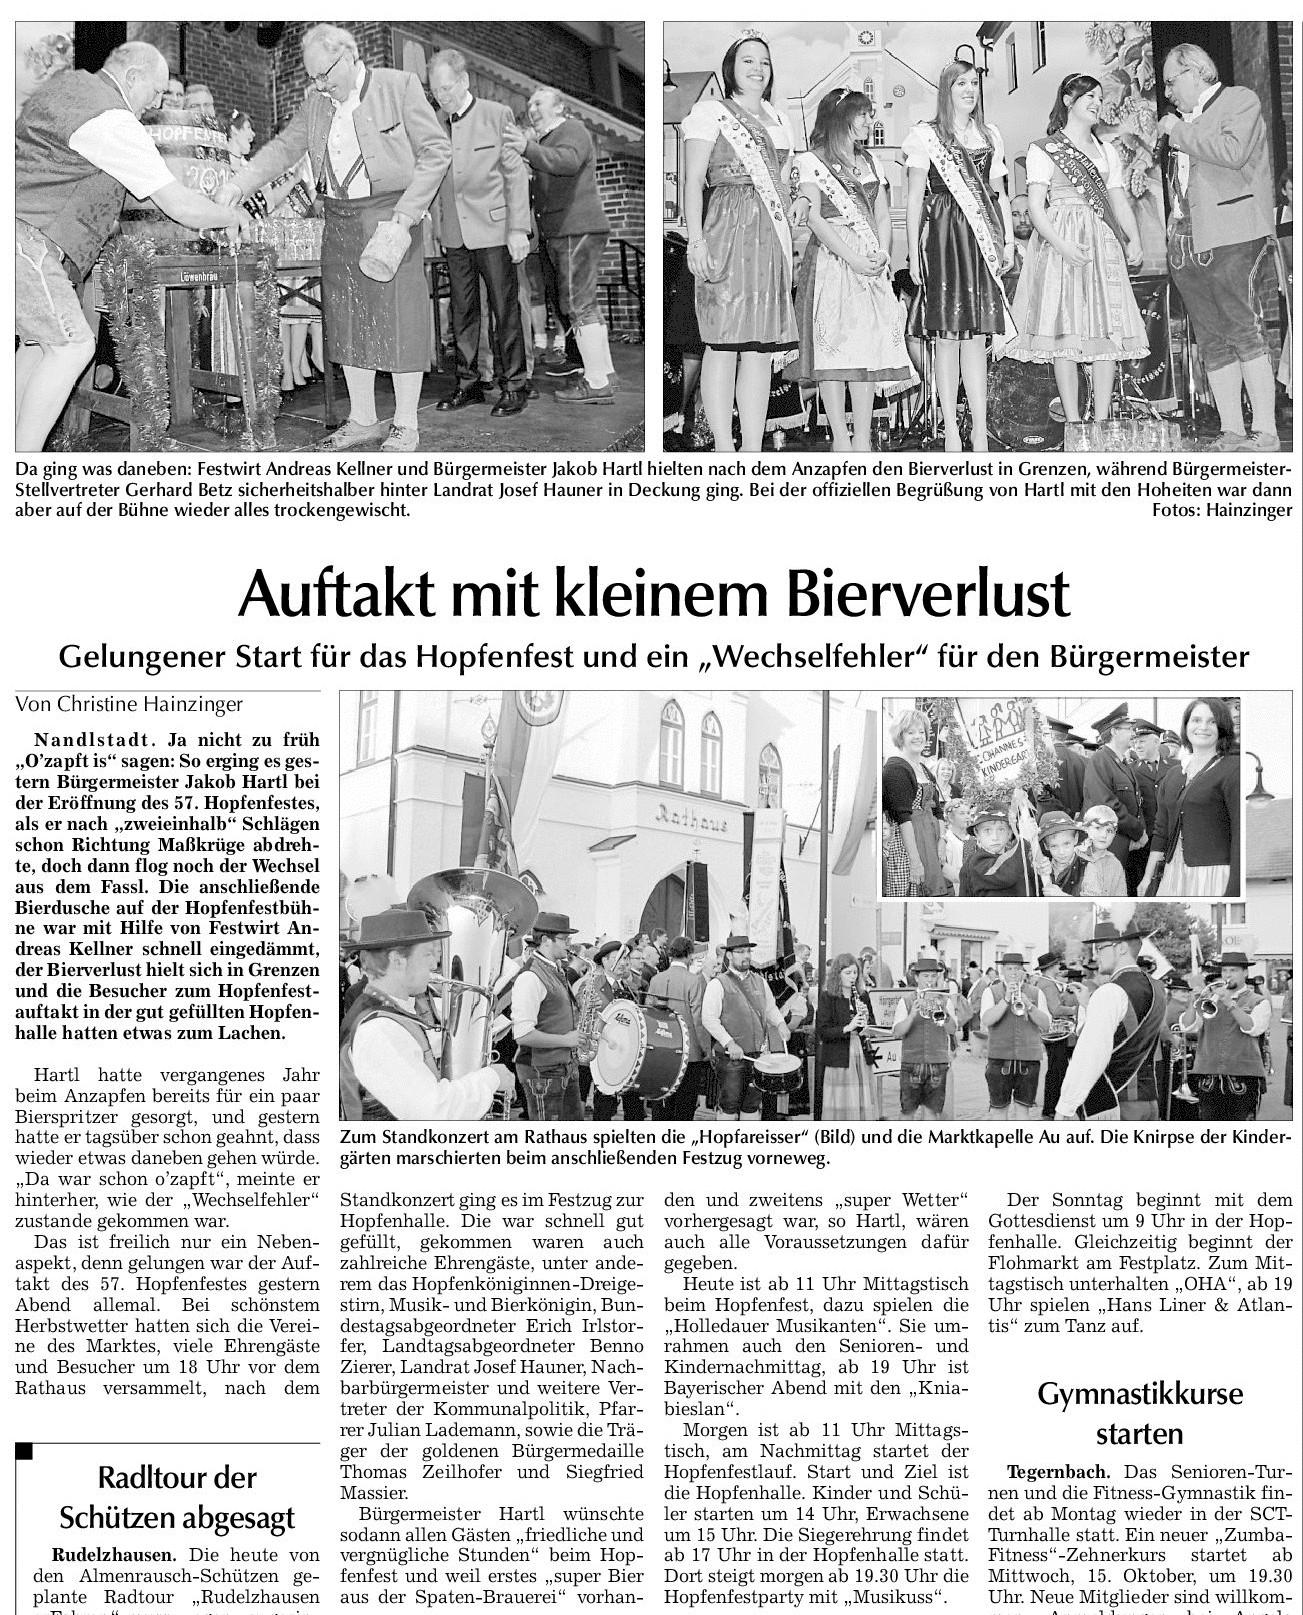 """Gelungener Start für das Hopfenfest und ein """"Wechselfehler"""" für den Bürgermeister"""